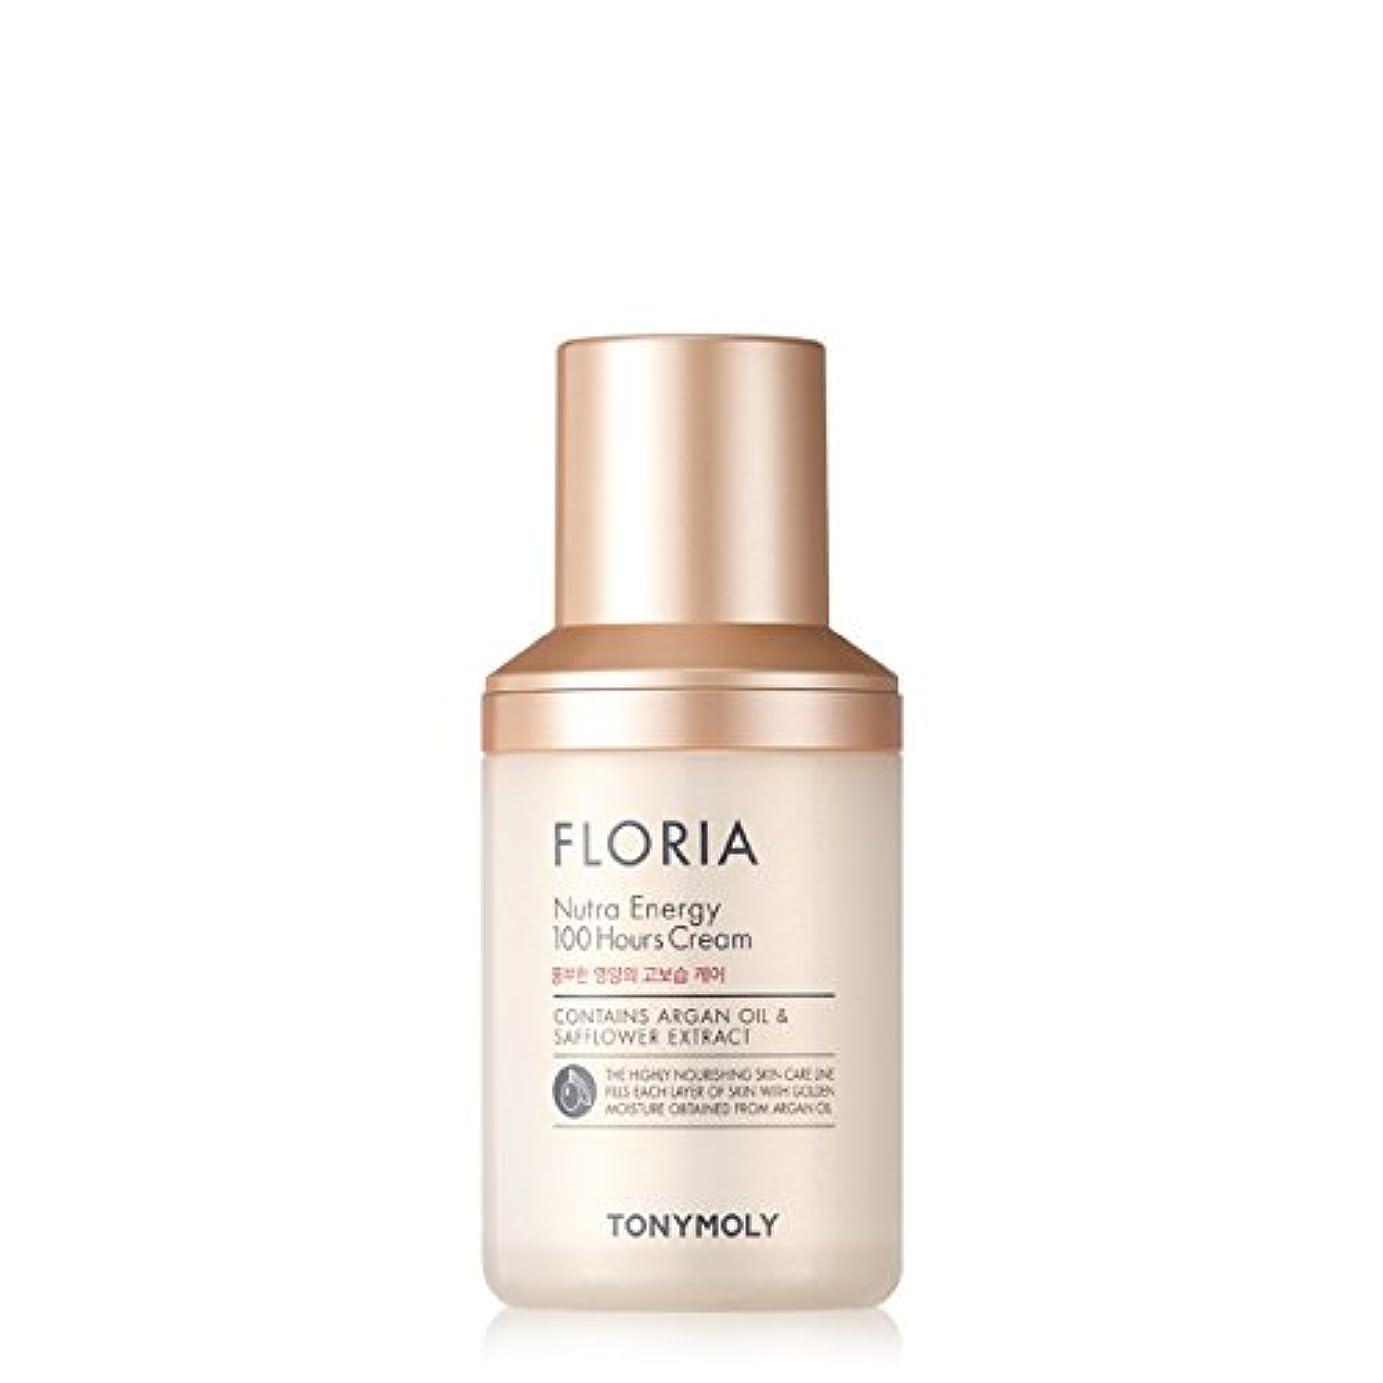 今晩解き明かす怒っている[NEW] TONY MOLY Floria Nutra energy 100 hours Cream 50ml トニーモリー フローリア ニュートラ エナジー 100時間 クリーム 50ml [並行輸入品]